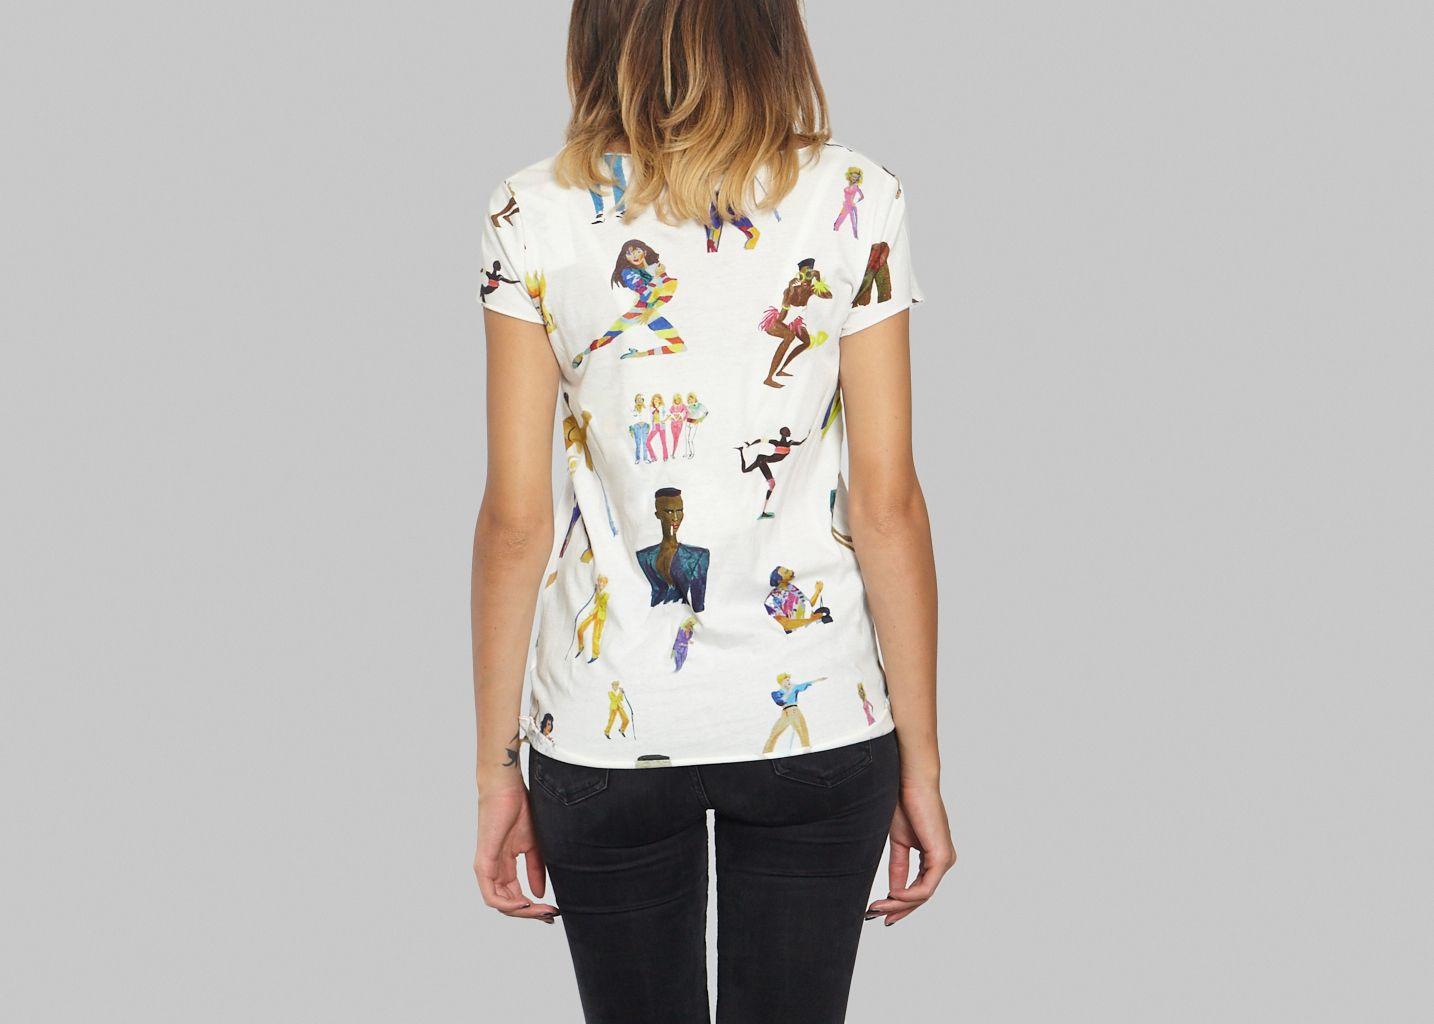 Tshirt The 80's  - G.Kero